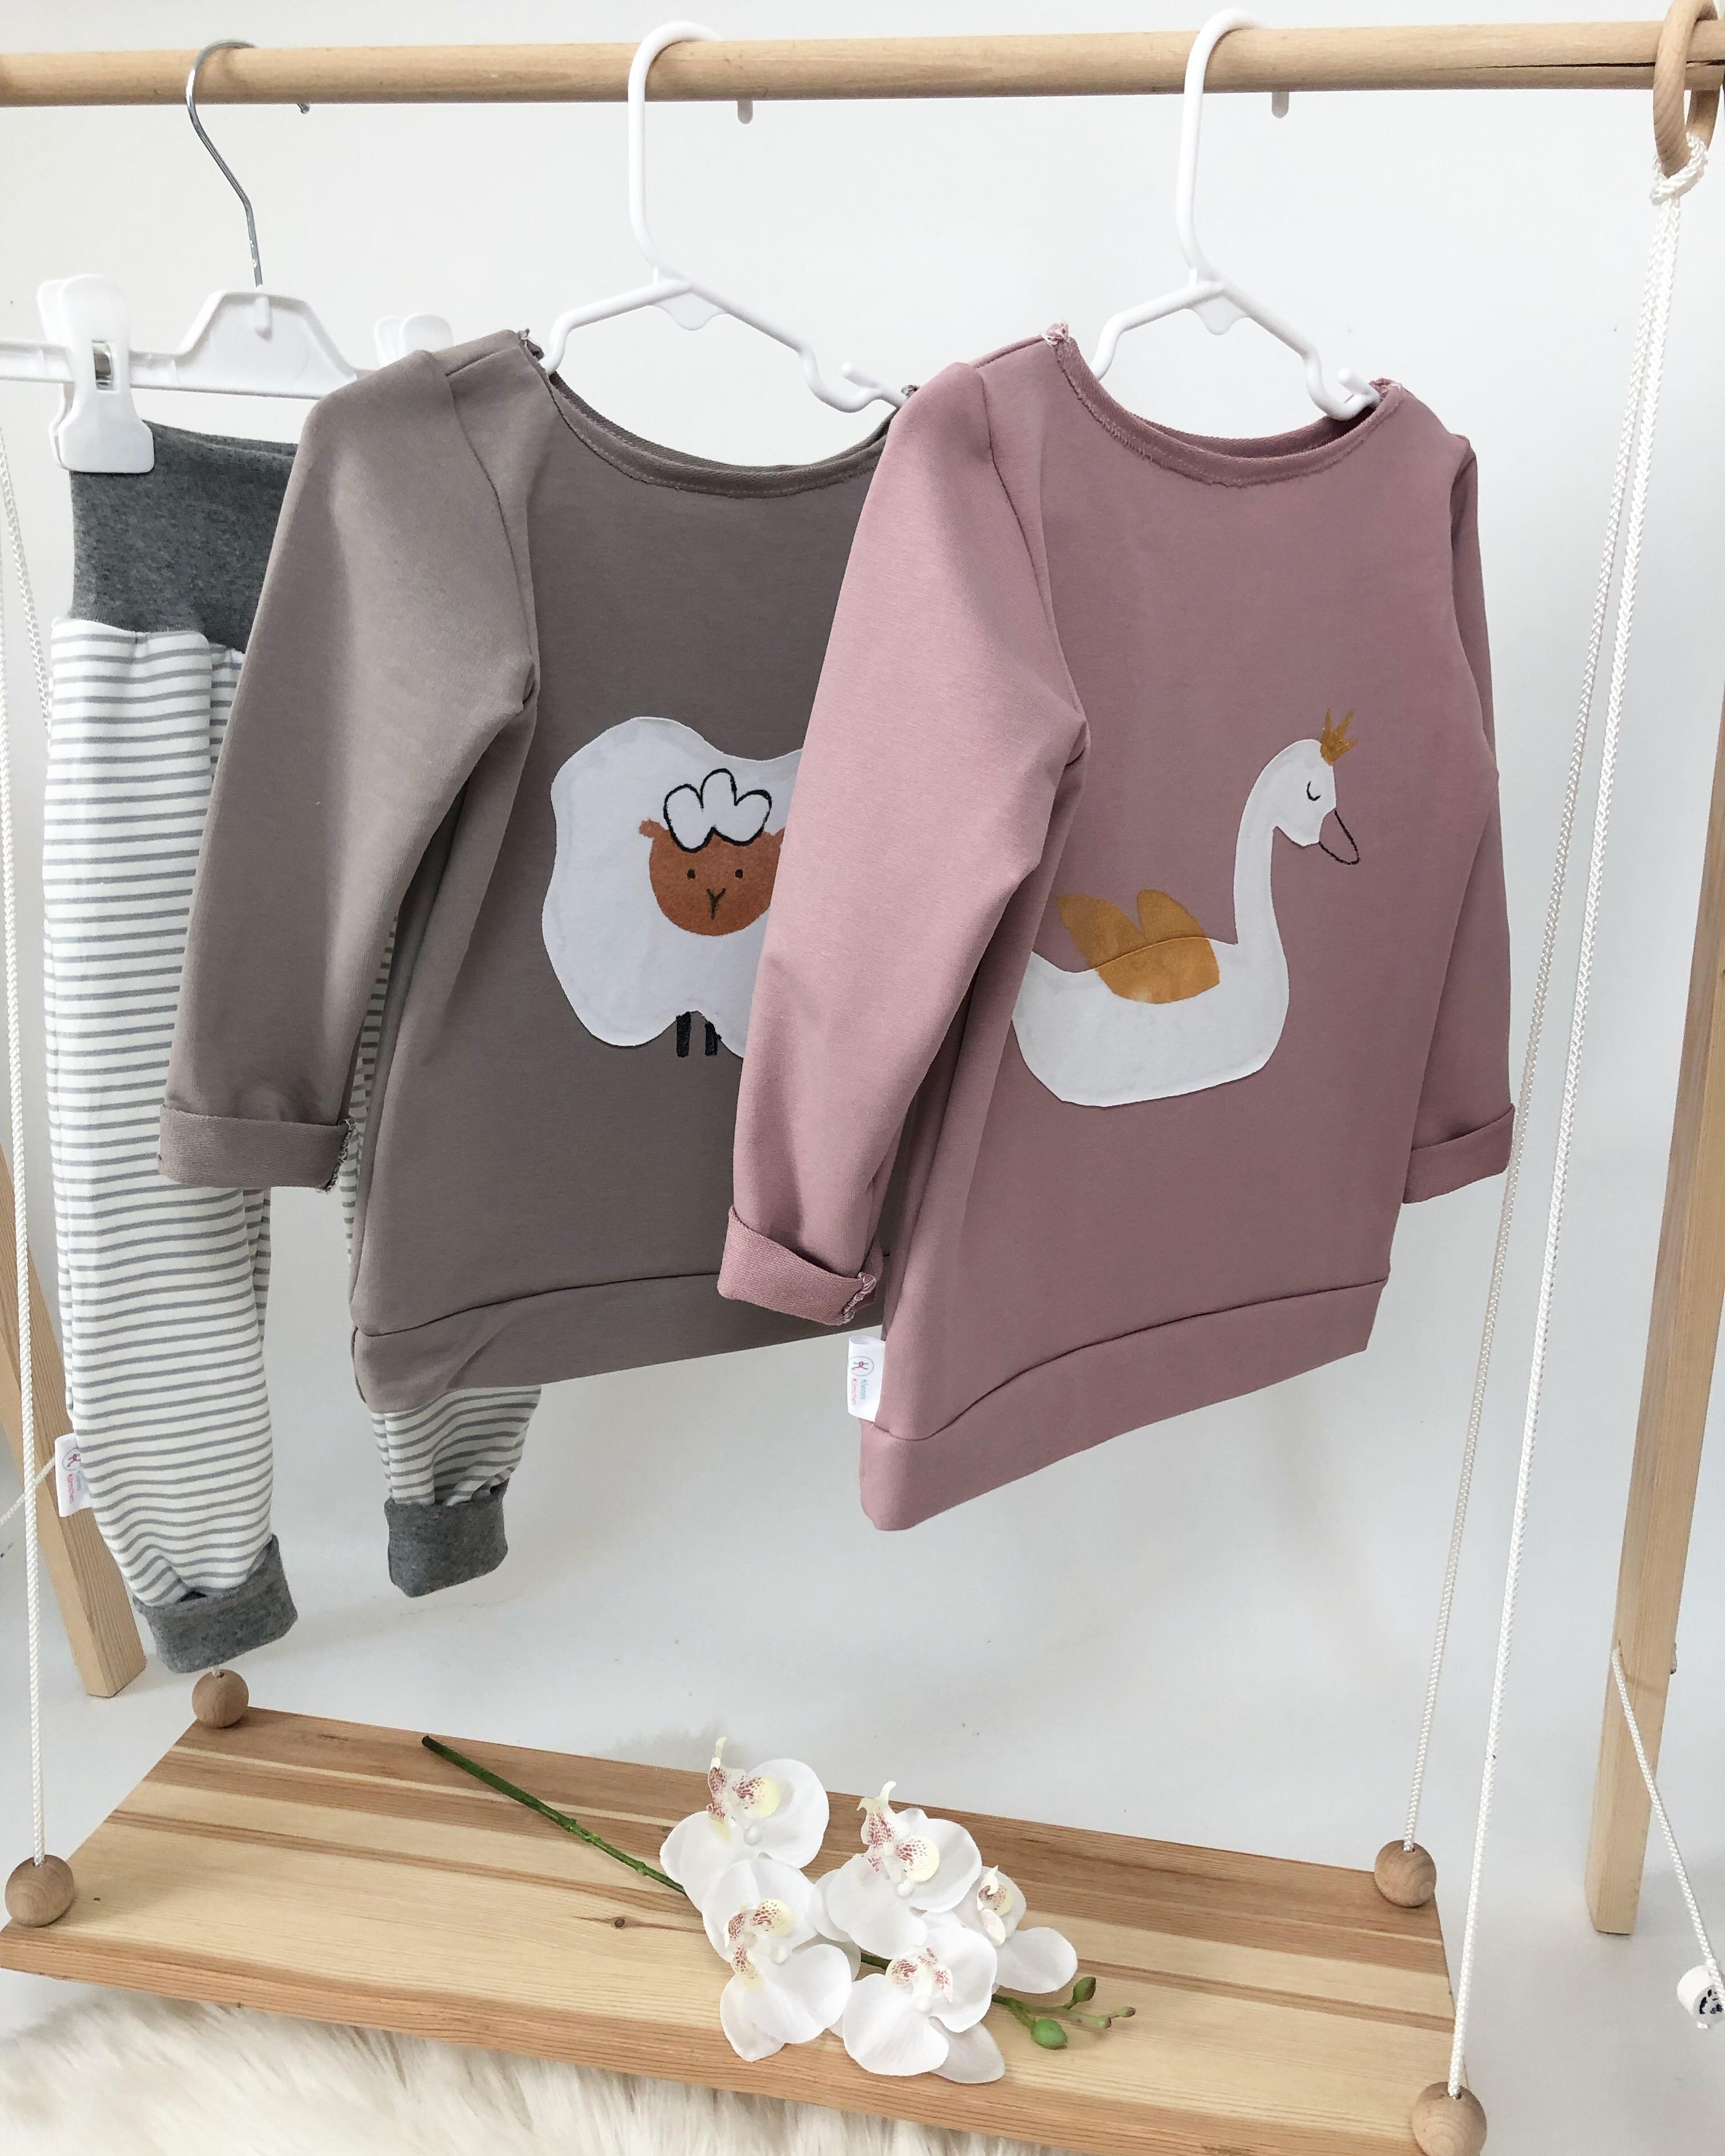 Pullover und Hoodies - bei jedem Wetter perfekt gekleidet